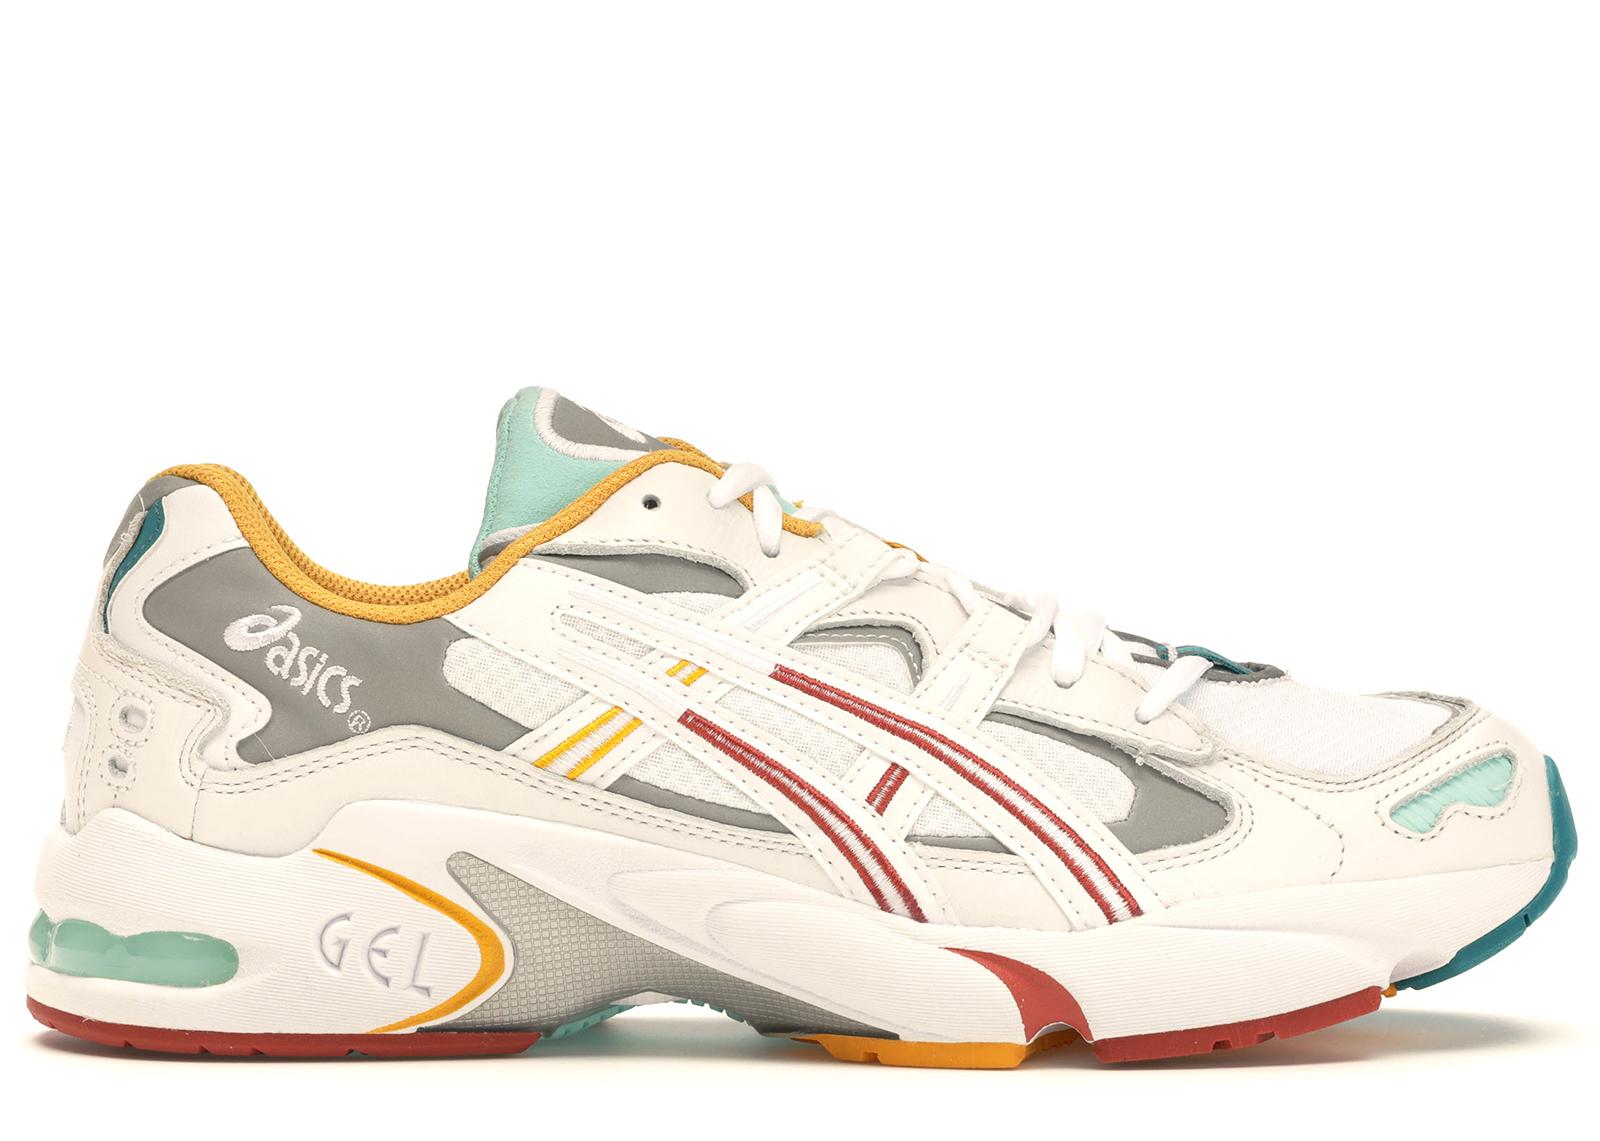 ASICS Size 5 Shoes Volatility